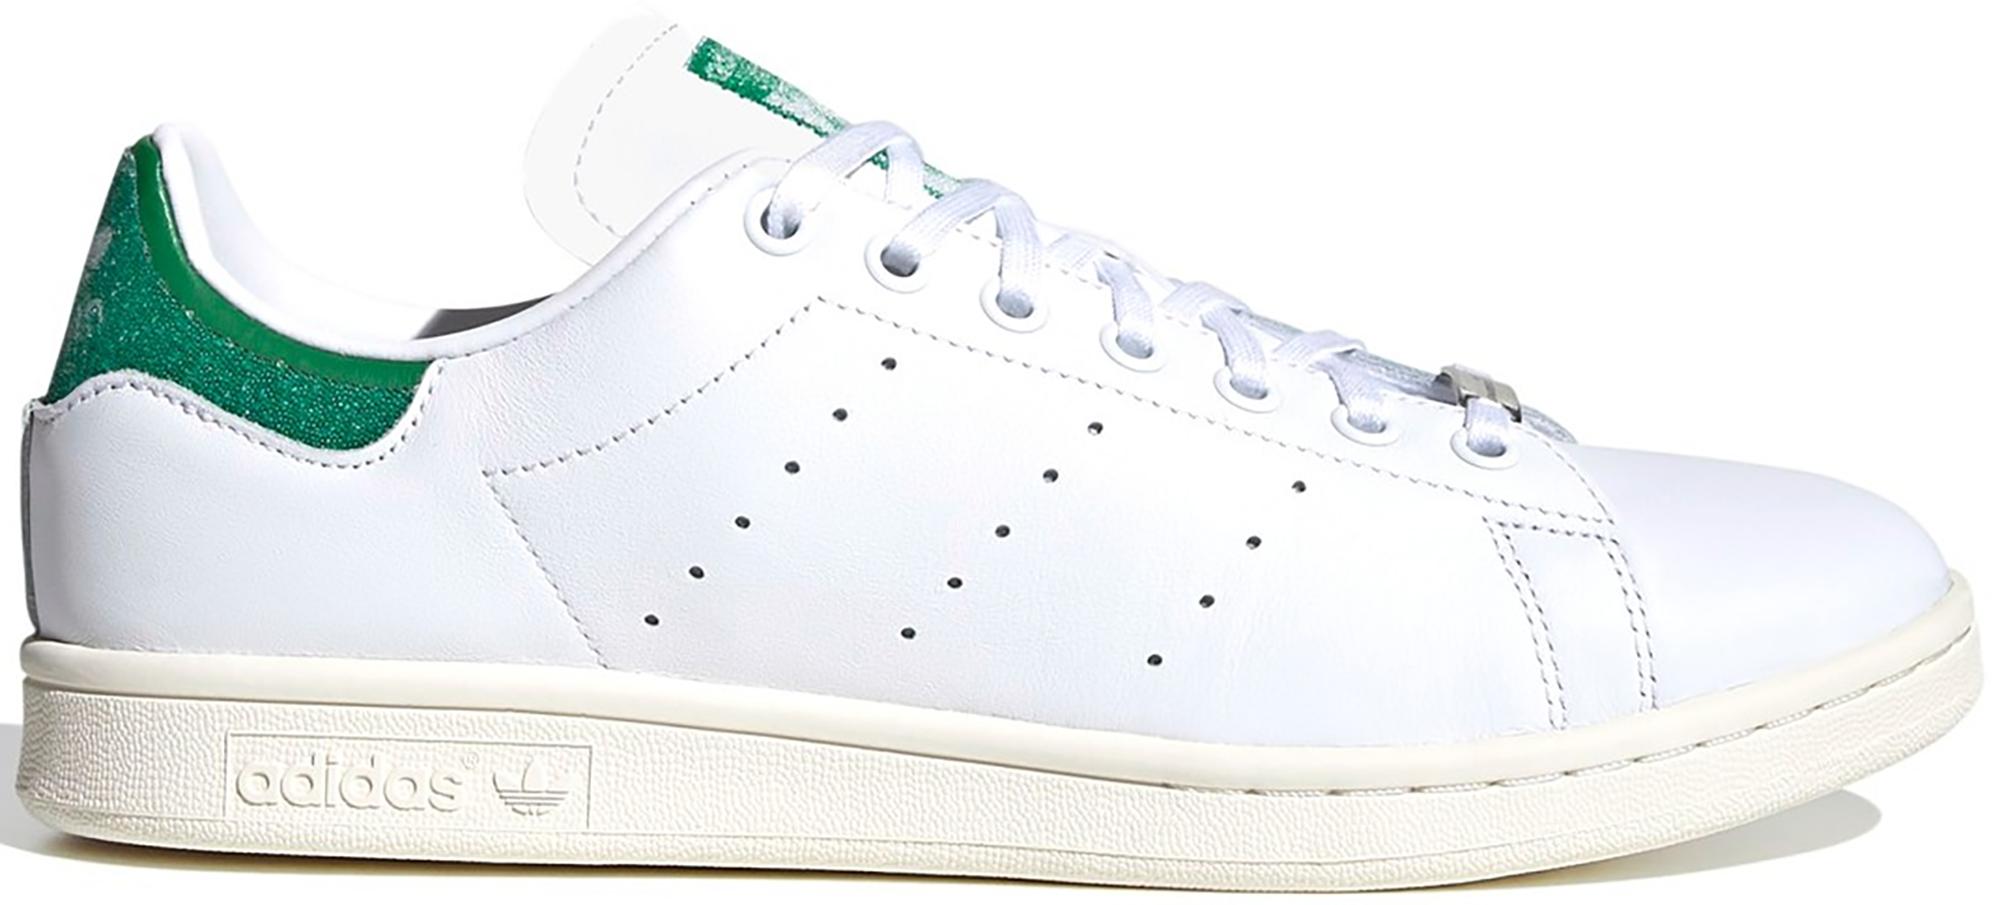 adidas Stan Smith Swarovski White Green